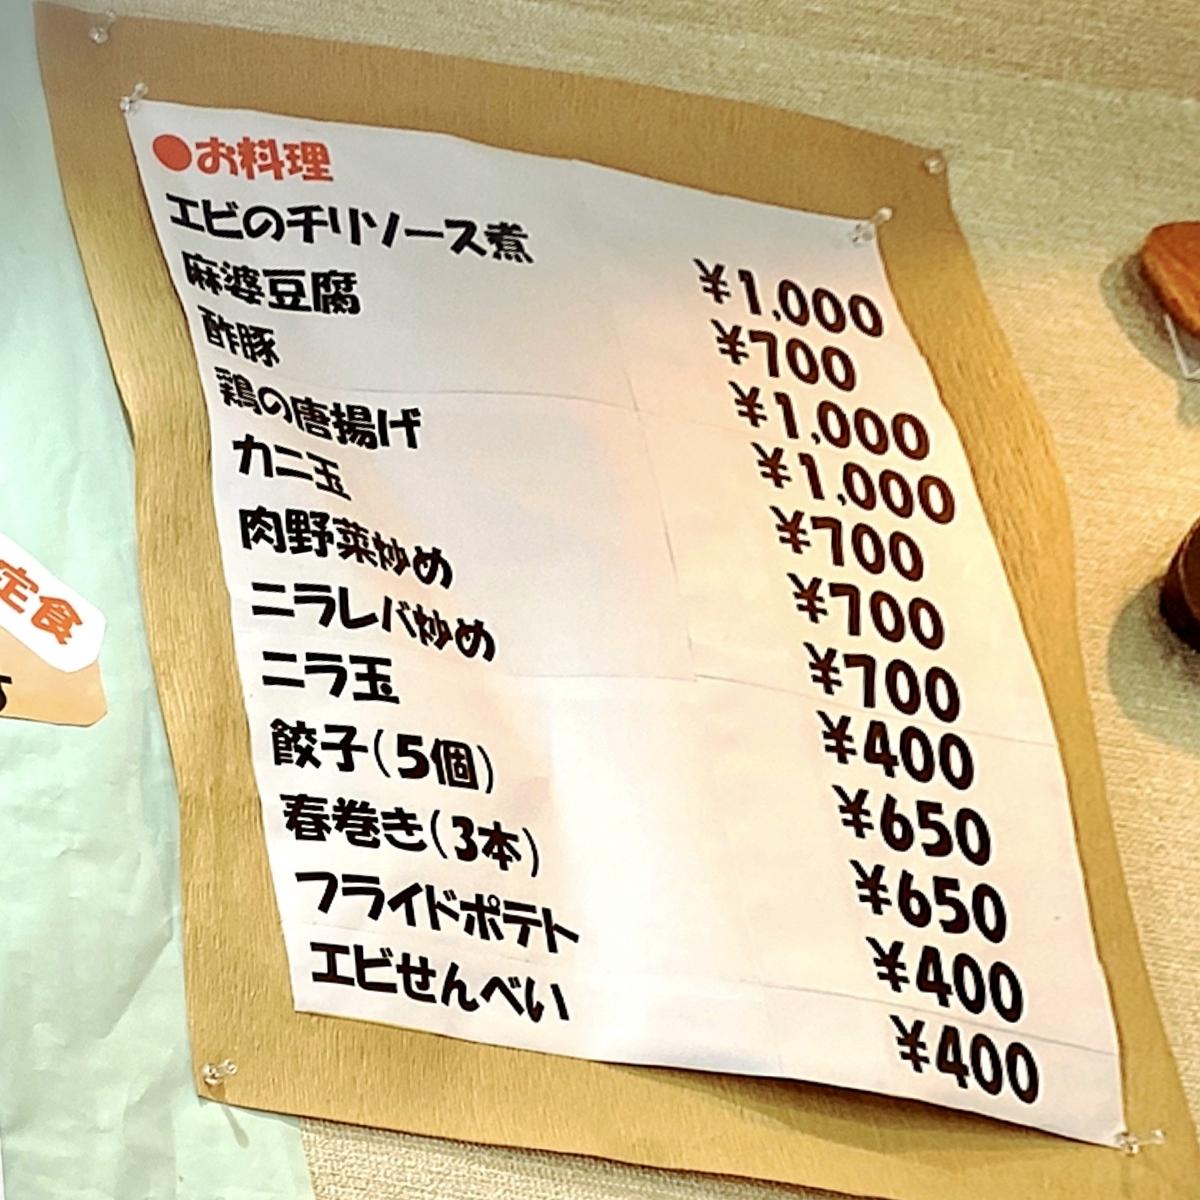 「龍華」のメニューと値段2